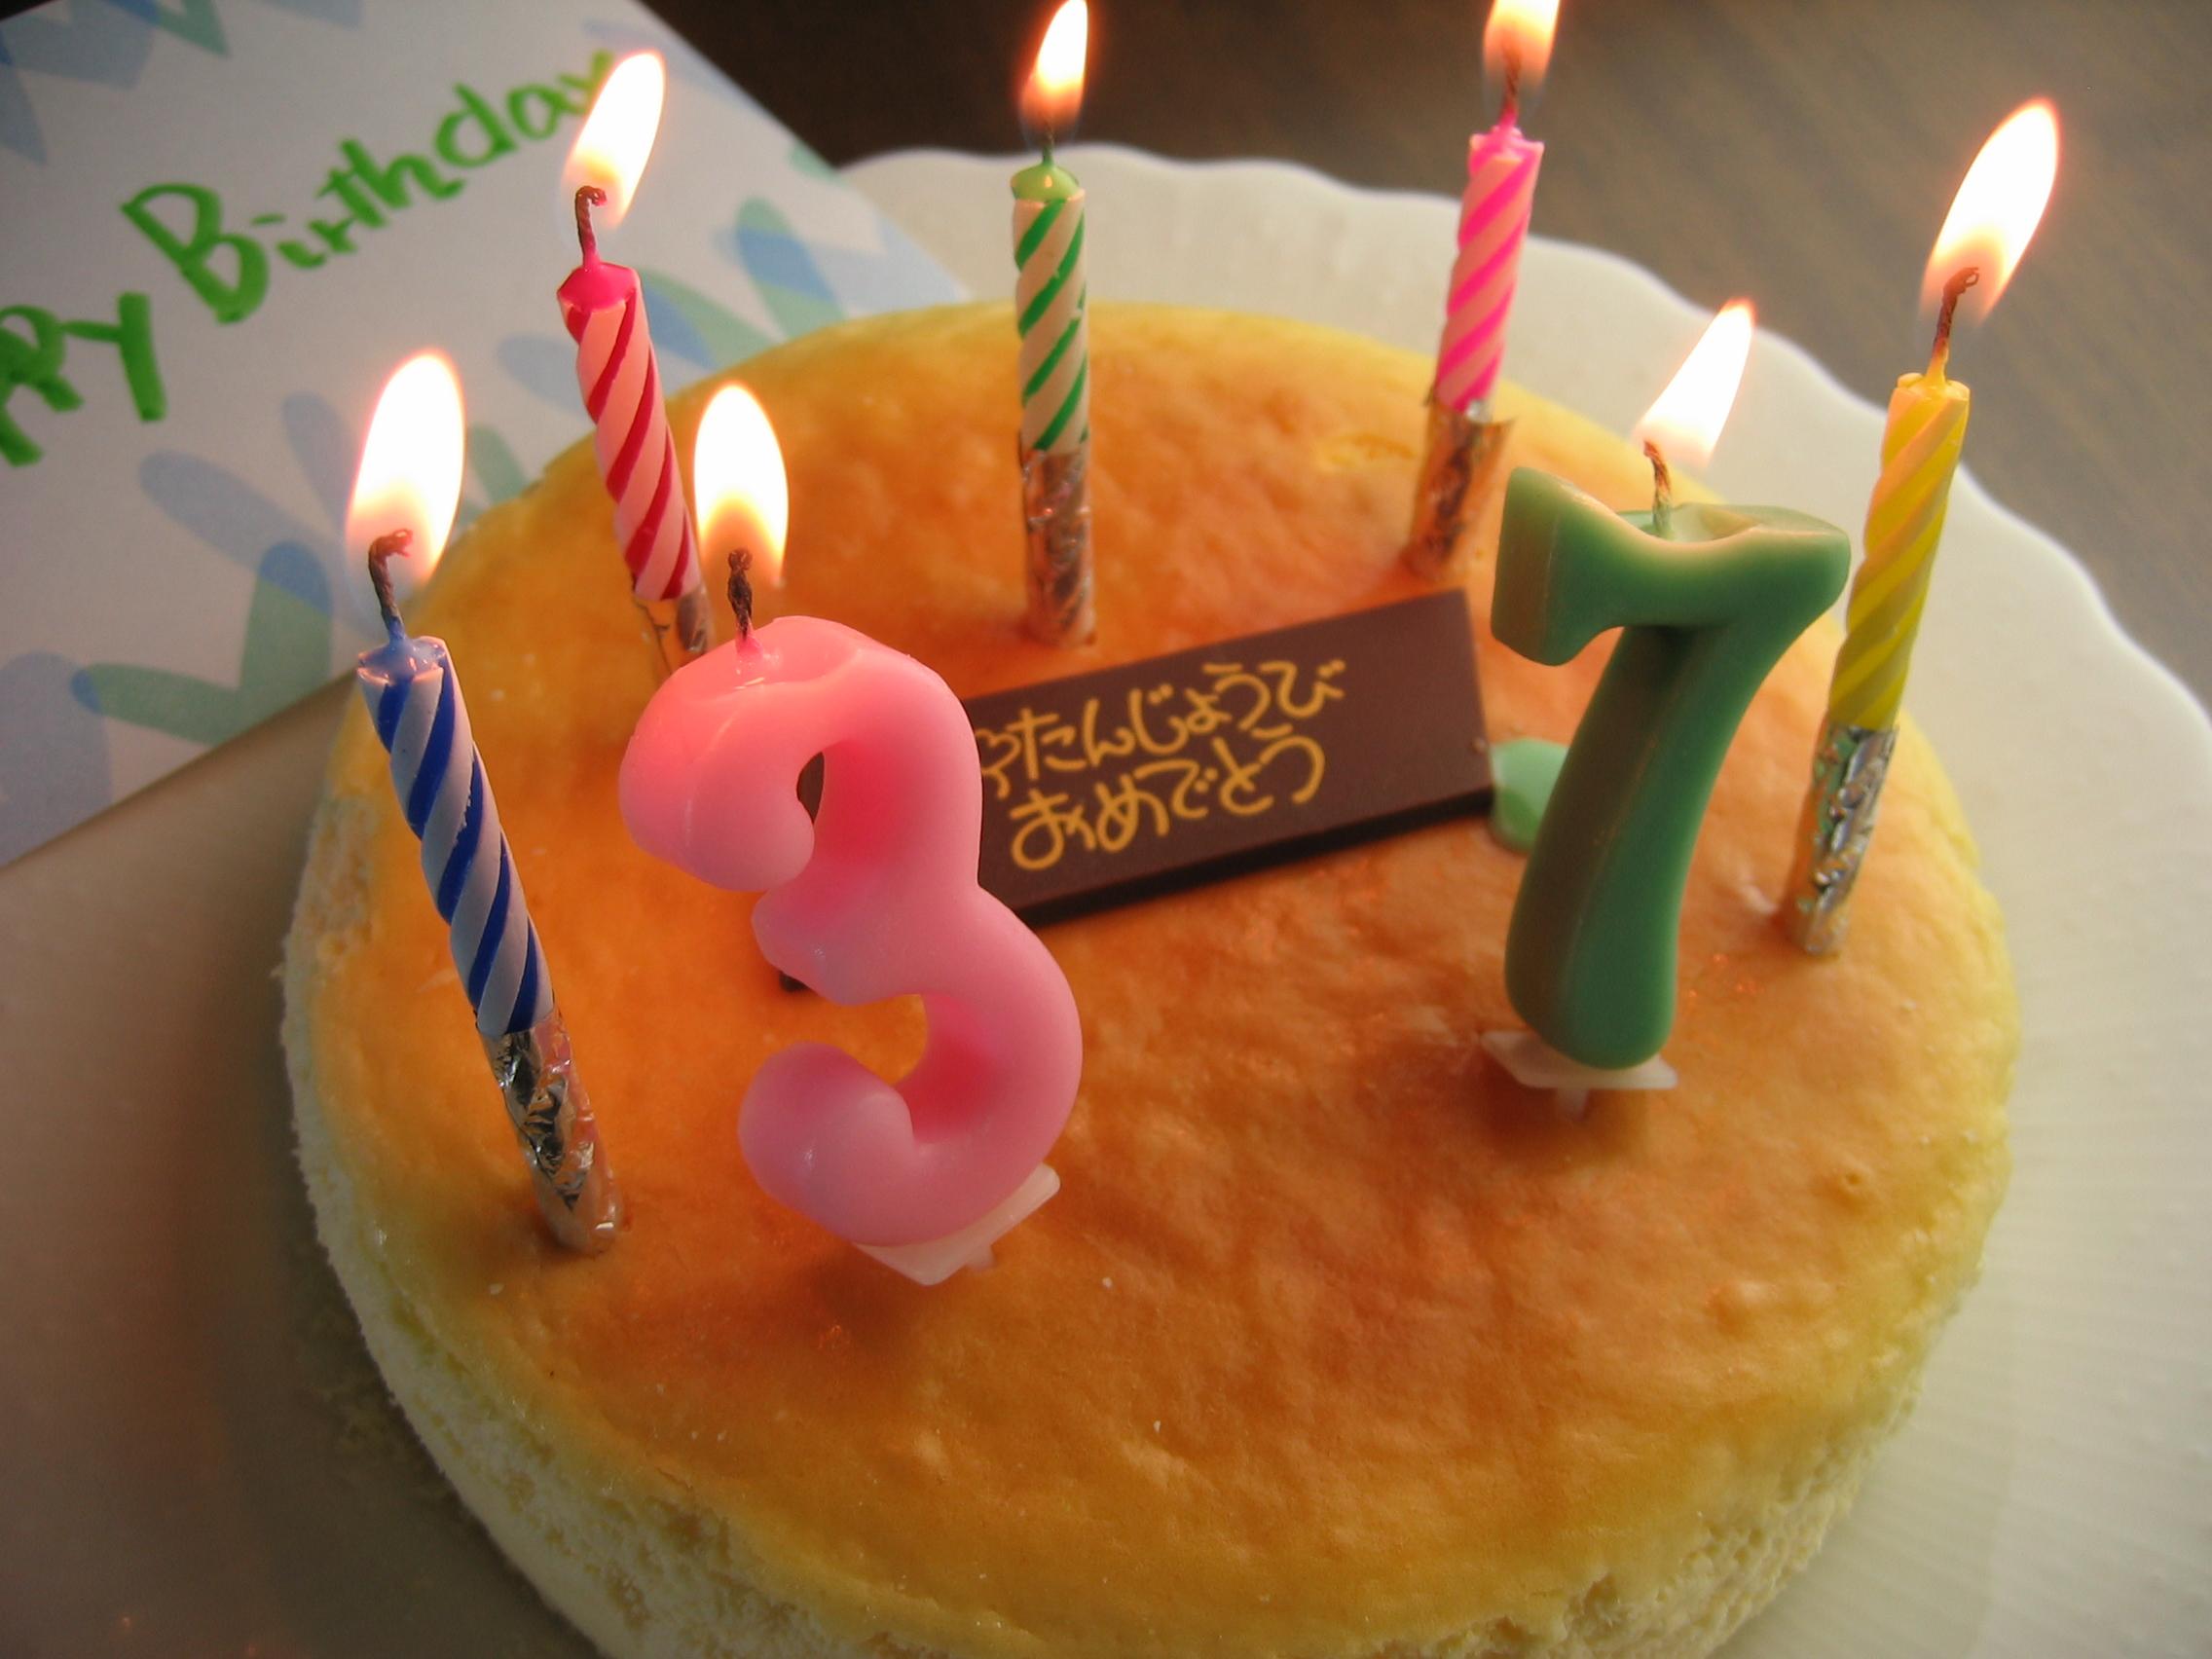 バースデーふわっと超濃厚クリームチーズケーキ4号12cm